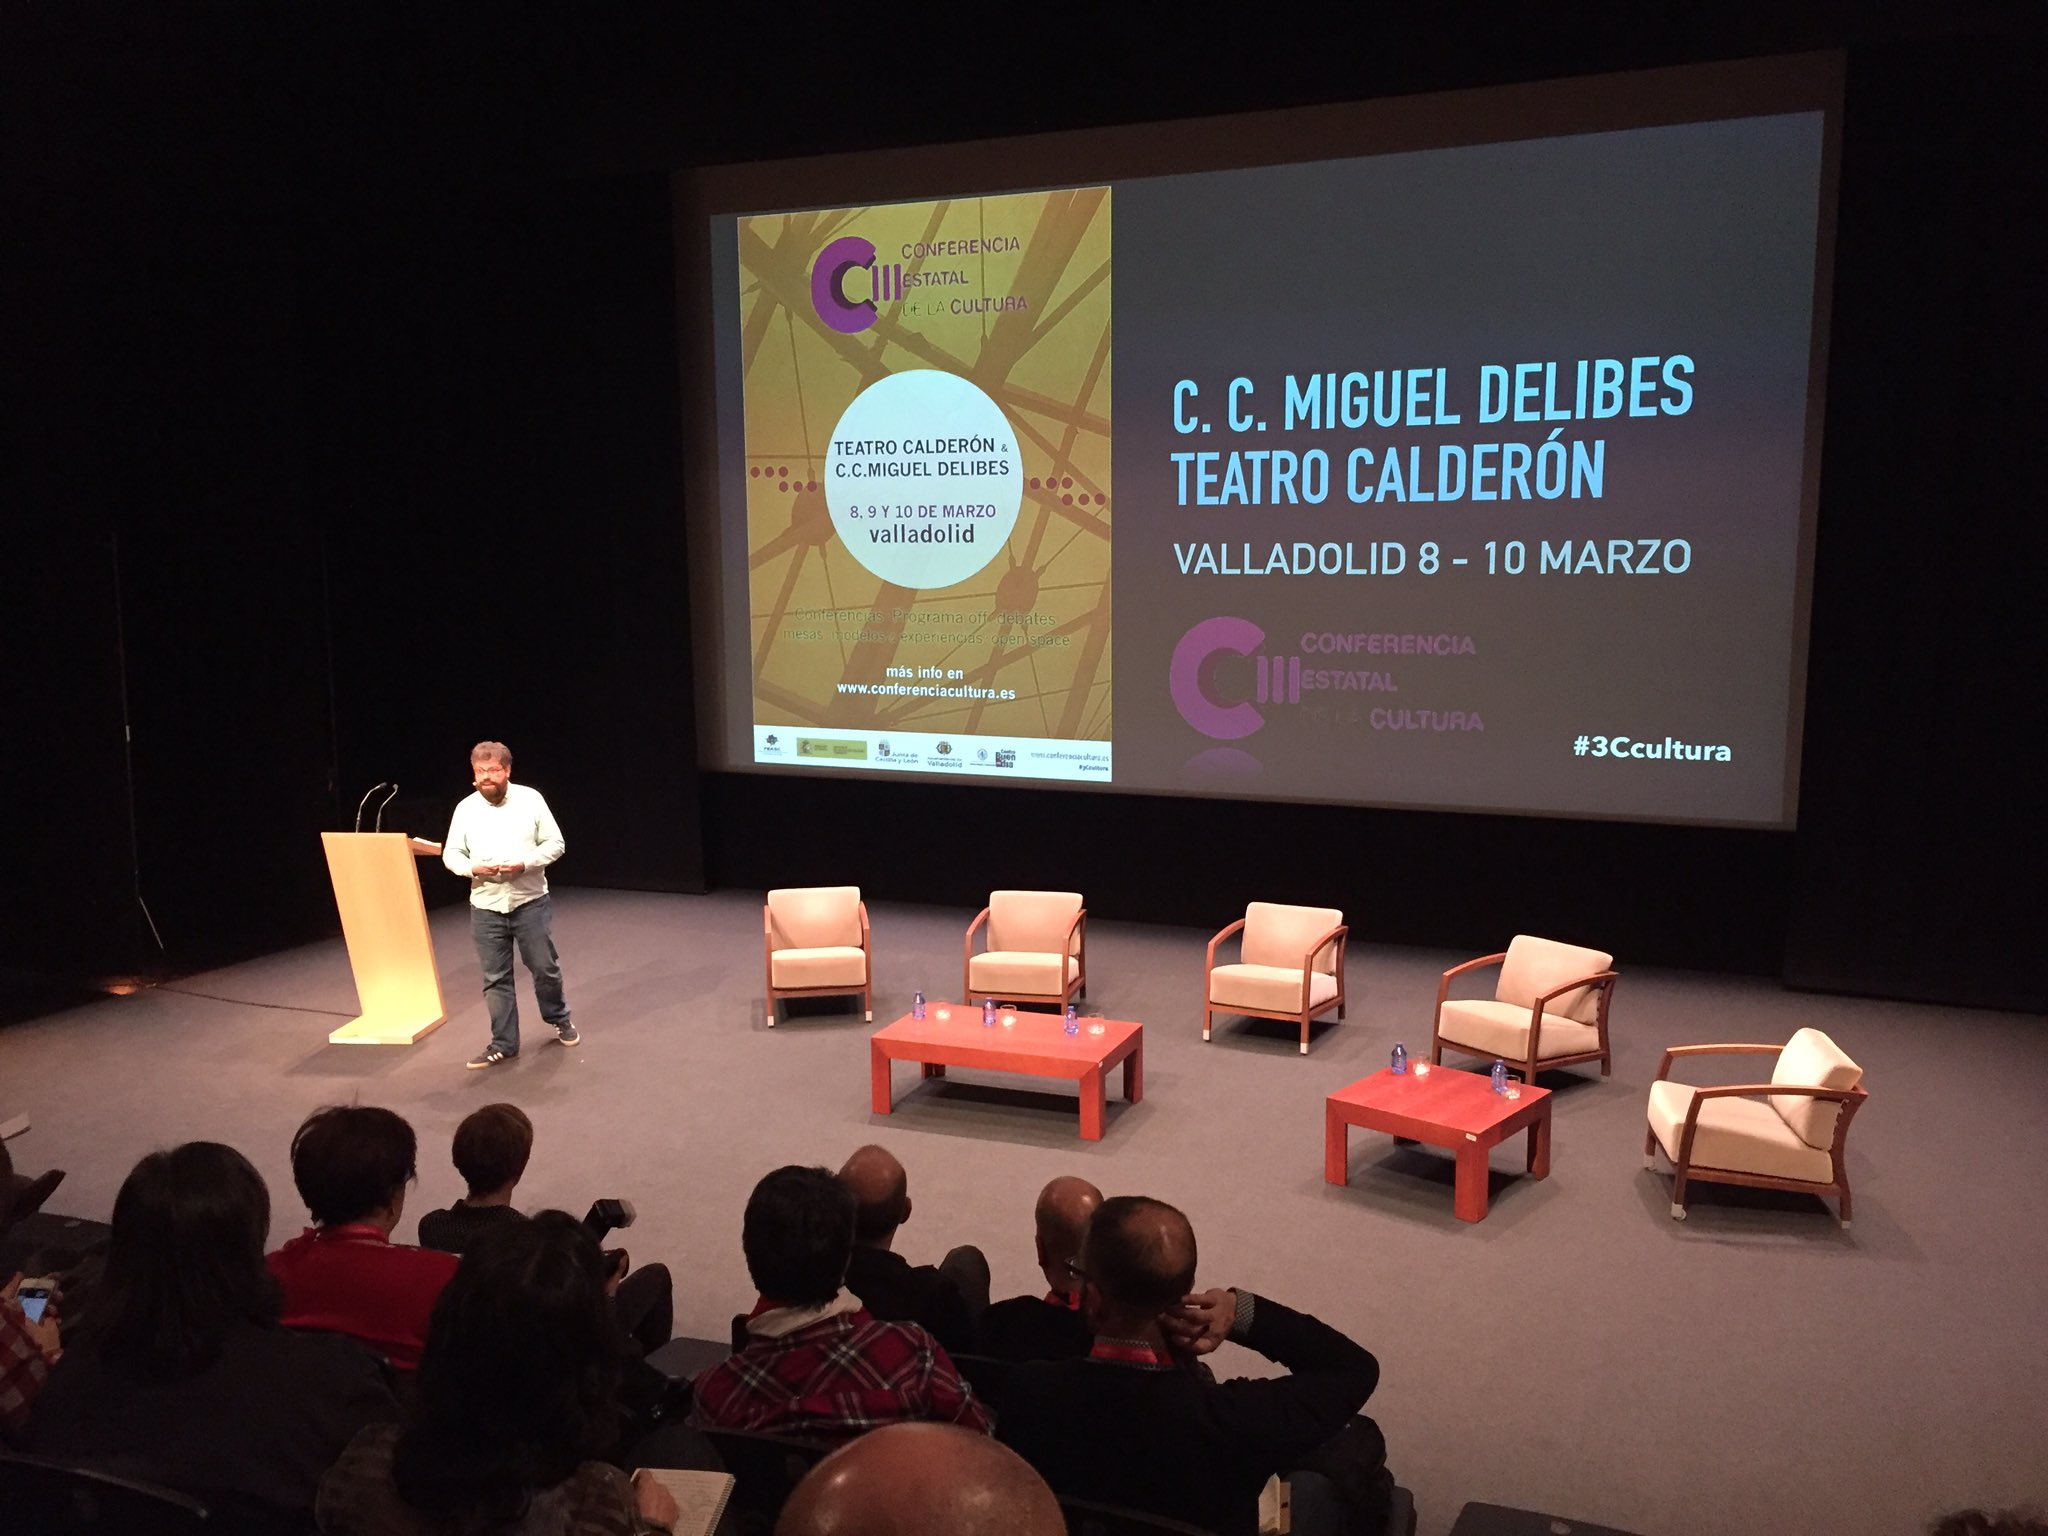 La primera conferencia del día en #3Ccultura @sergiodelmolino hablando sobre #Cultura y participación en el mundo rural y urbano https://t.co/GqsHowws5o